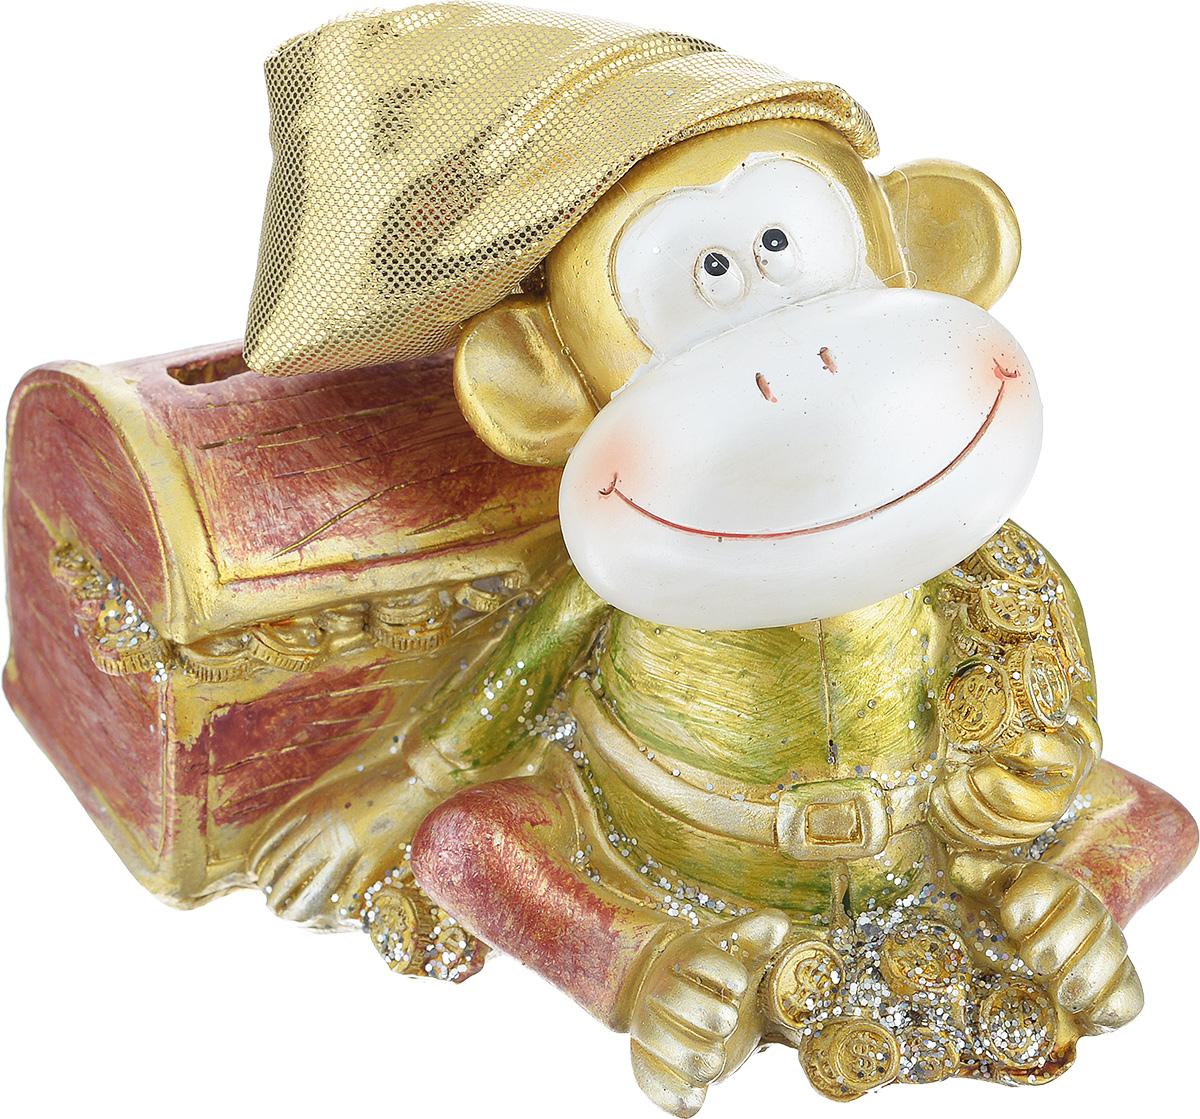 Копилка декоративная Sima-land Обезьянка с сундуком1056325Декоративная копилка Sima-land Обезьянка с сундуком, изготовленная из высококачественного полистоуна, выполнена в виде обезьяны в текстильном колпаке и украшена блестками. Изделие оснащено отверстием для монет и резиновым клапаном, через который можно достать деньги. Яркий оригинальный дизайн сделает такую копилку прекрасным подарком. Она послужит не только по своему прямому назначению, но и красиво дополнит интерьер комнаты.